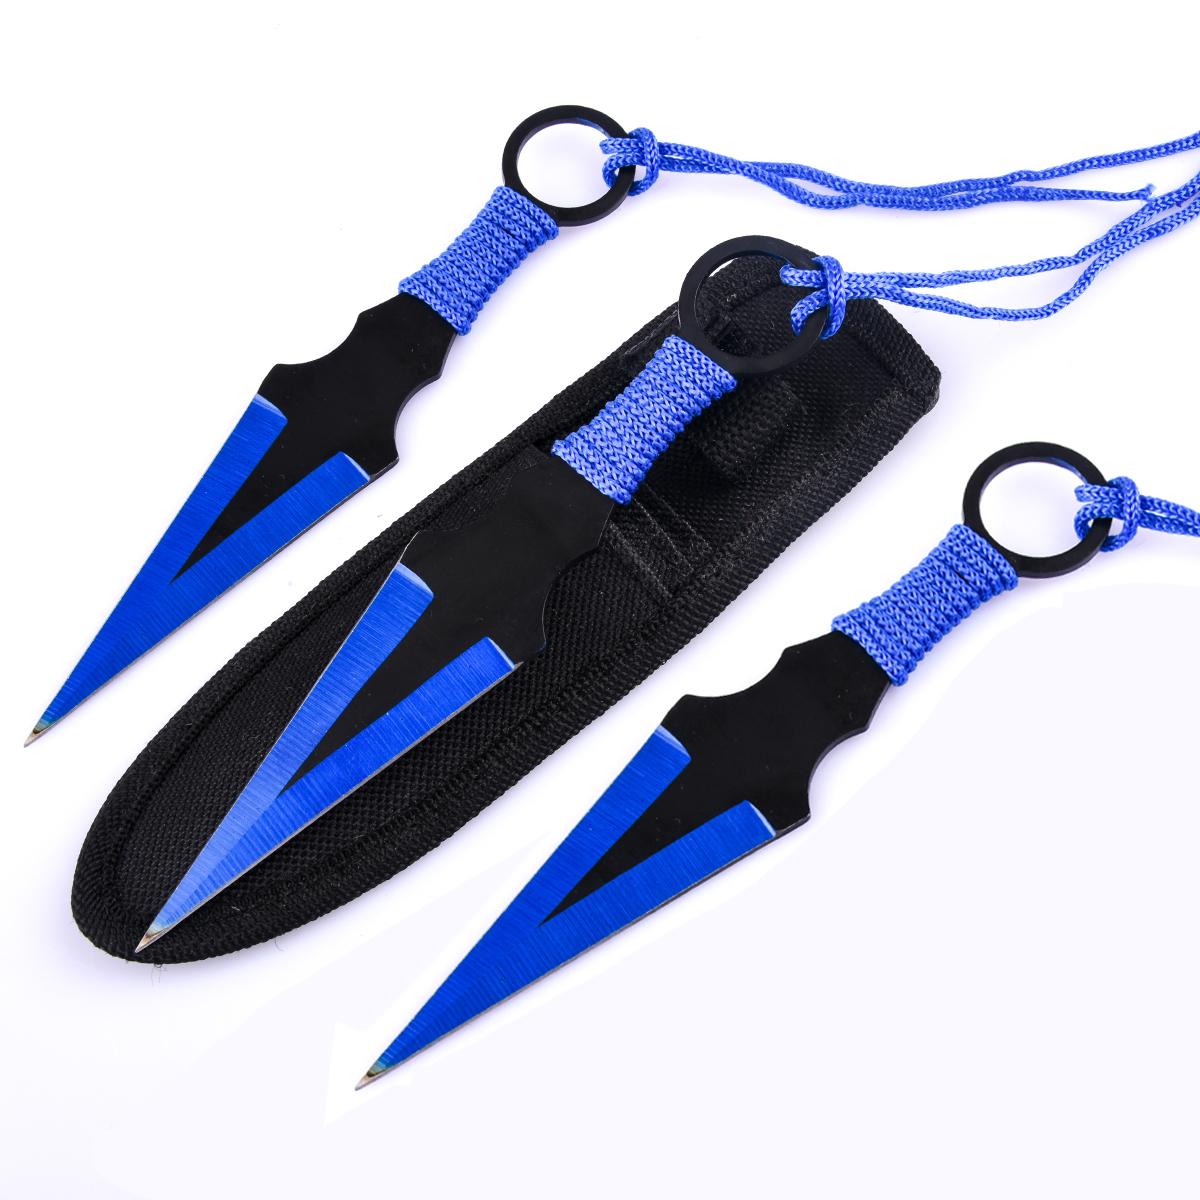 Ножи Kunai метательные